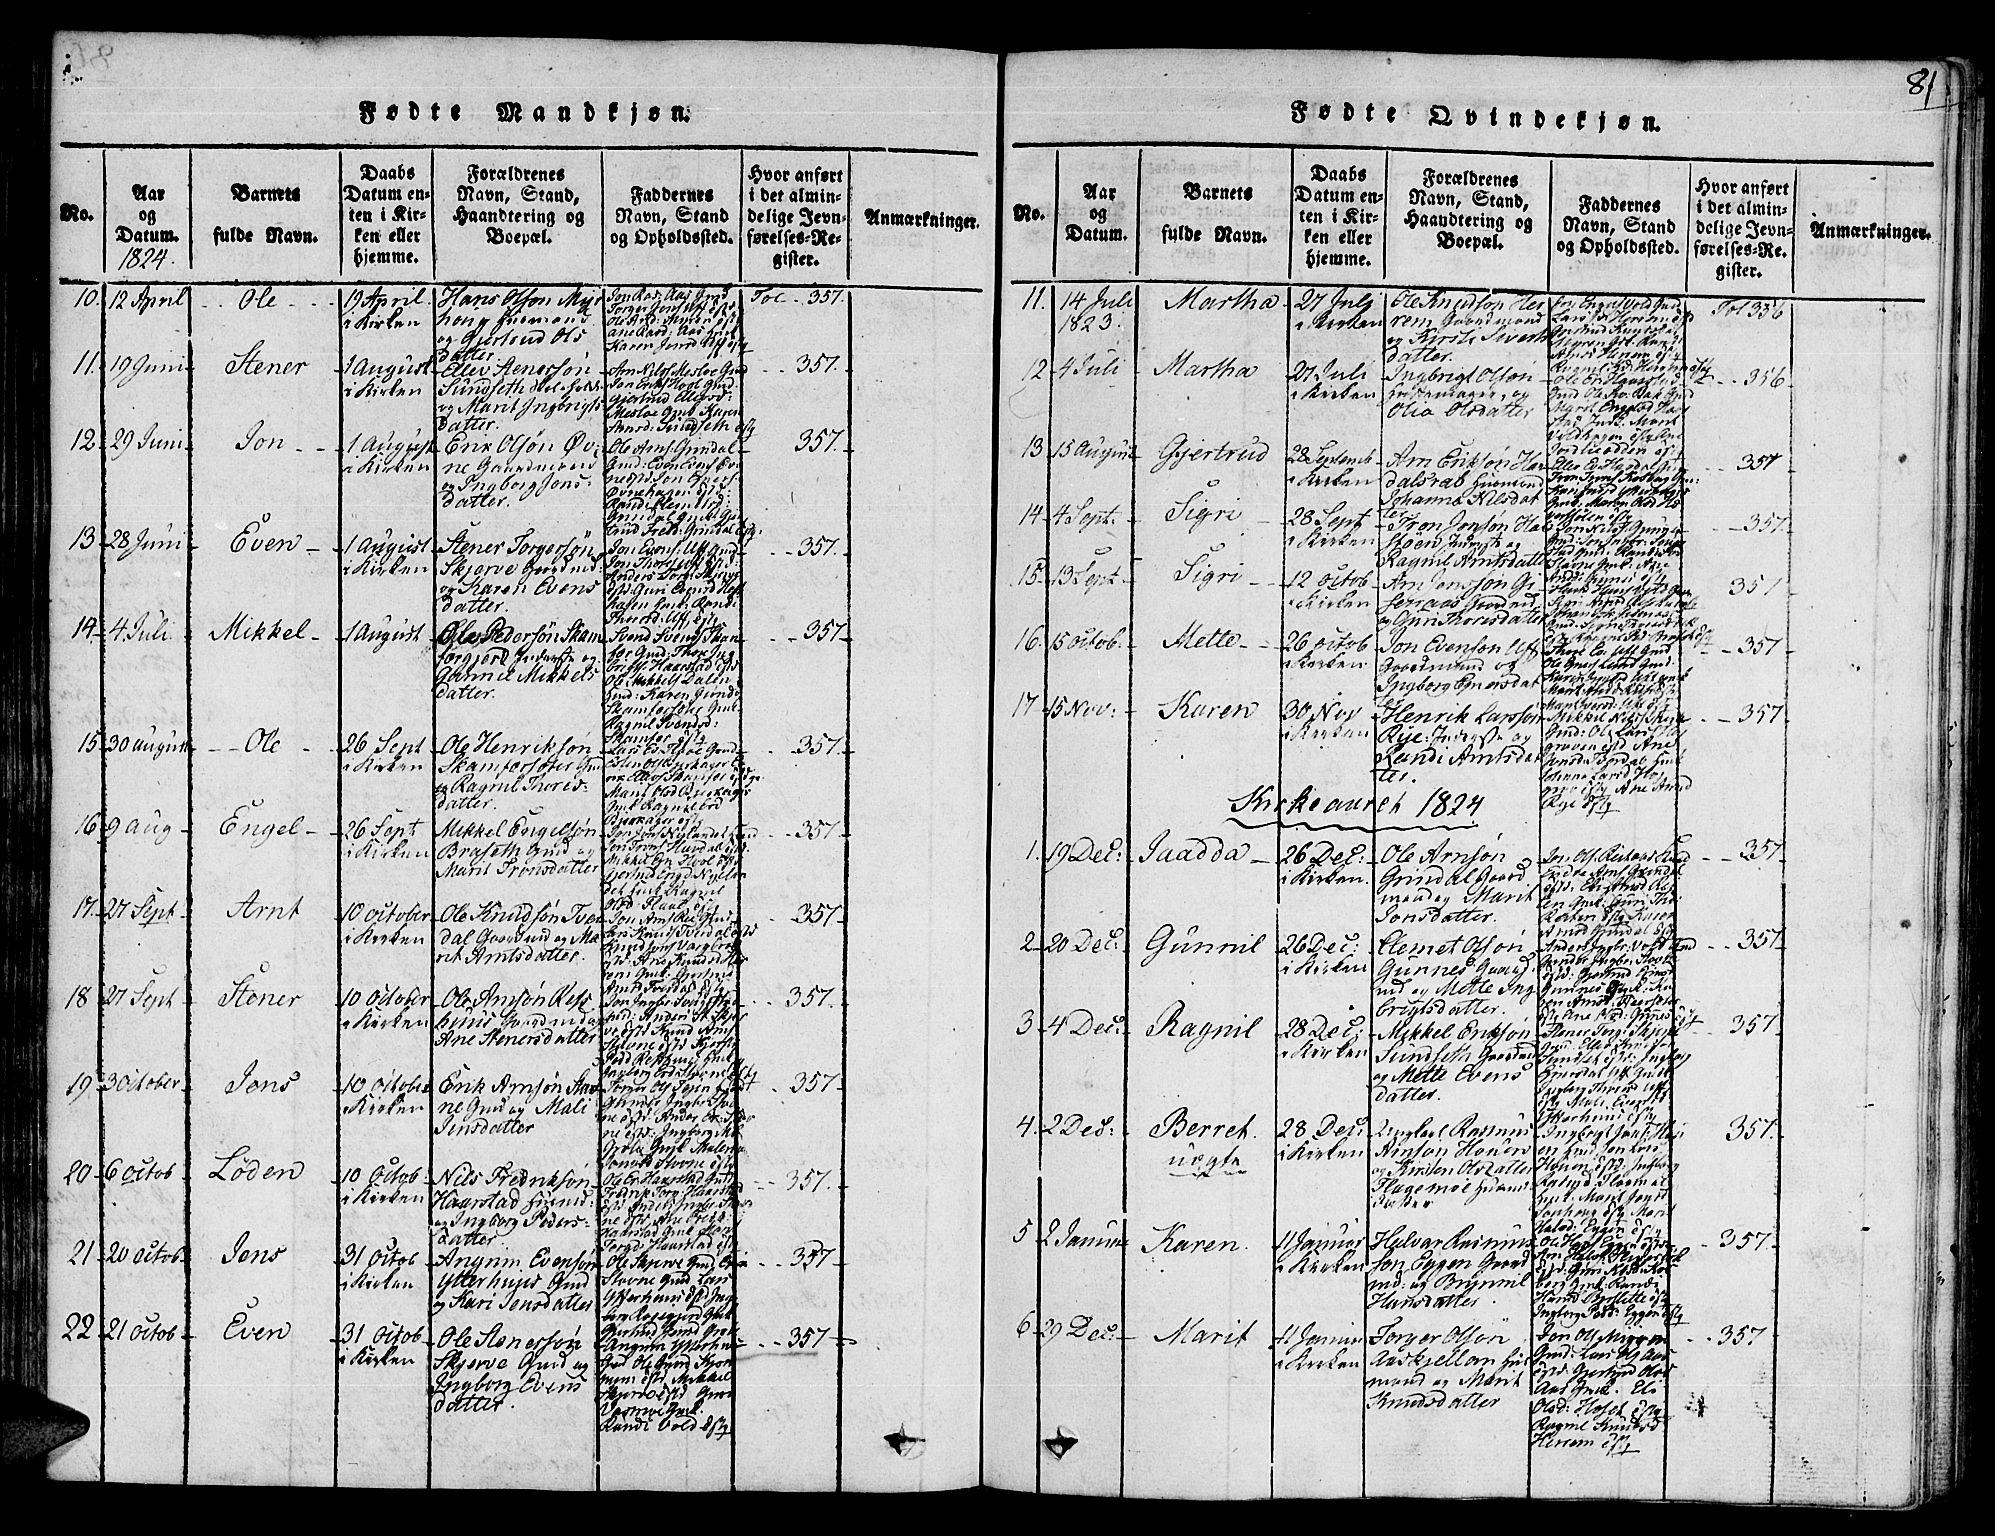 SAT, Ministerialprotokoller, klokkerbøker og fødselsregistre - Sør-Trøndelag, 672/L0854: Ministerialbok nr. 672A06 /2, 1816-1829, s. 81